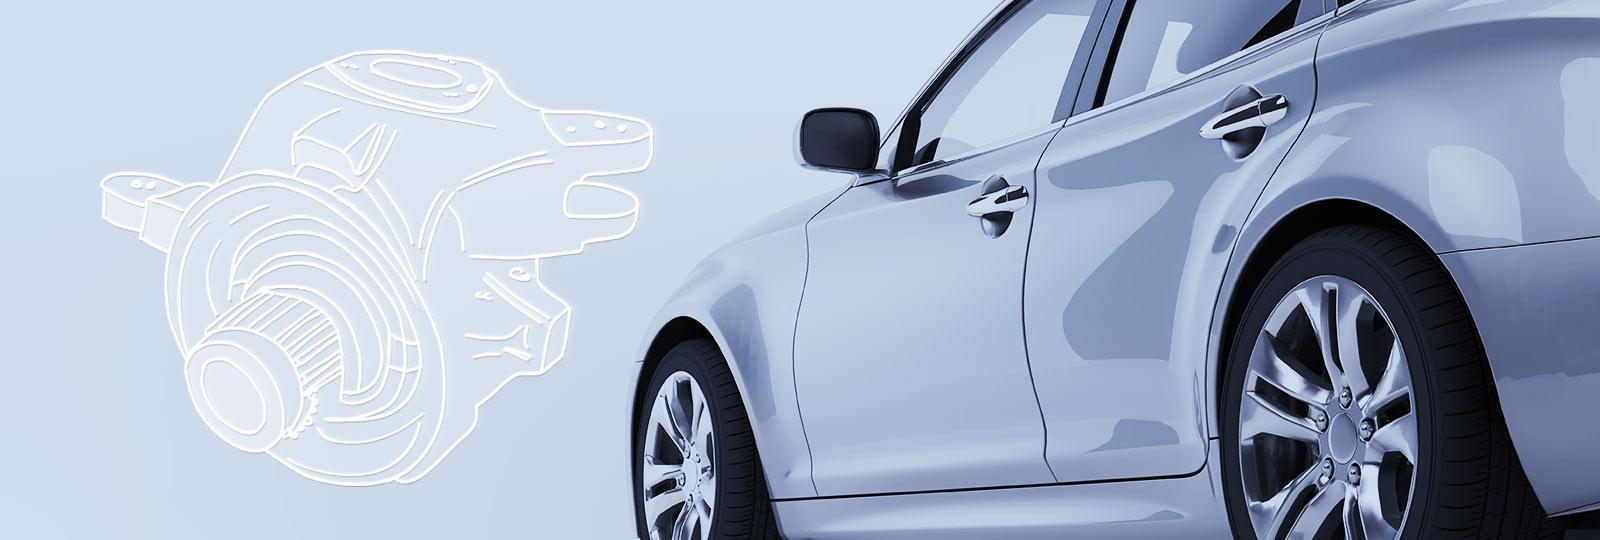 Auto und Bauteil aus der Fahrzeugtechnik